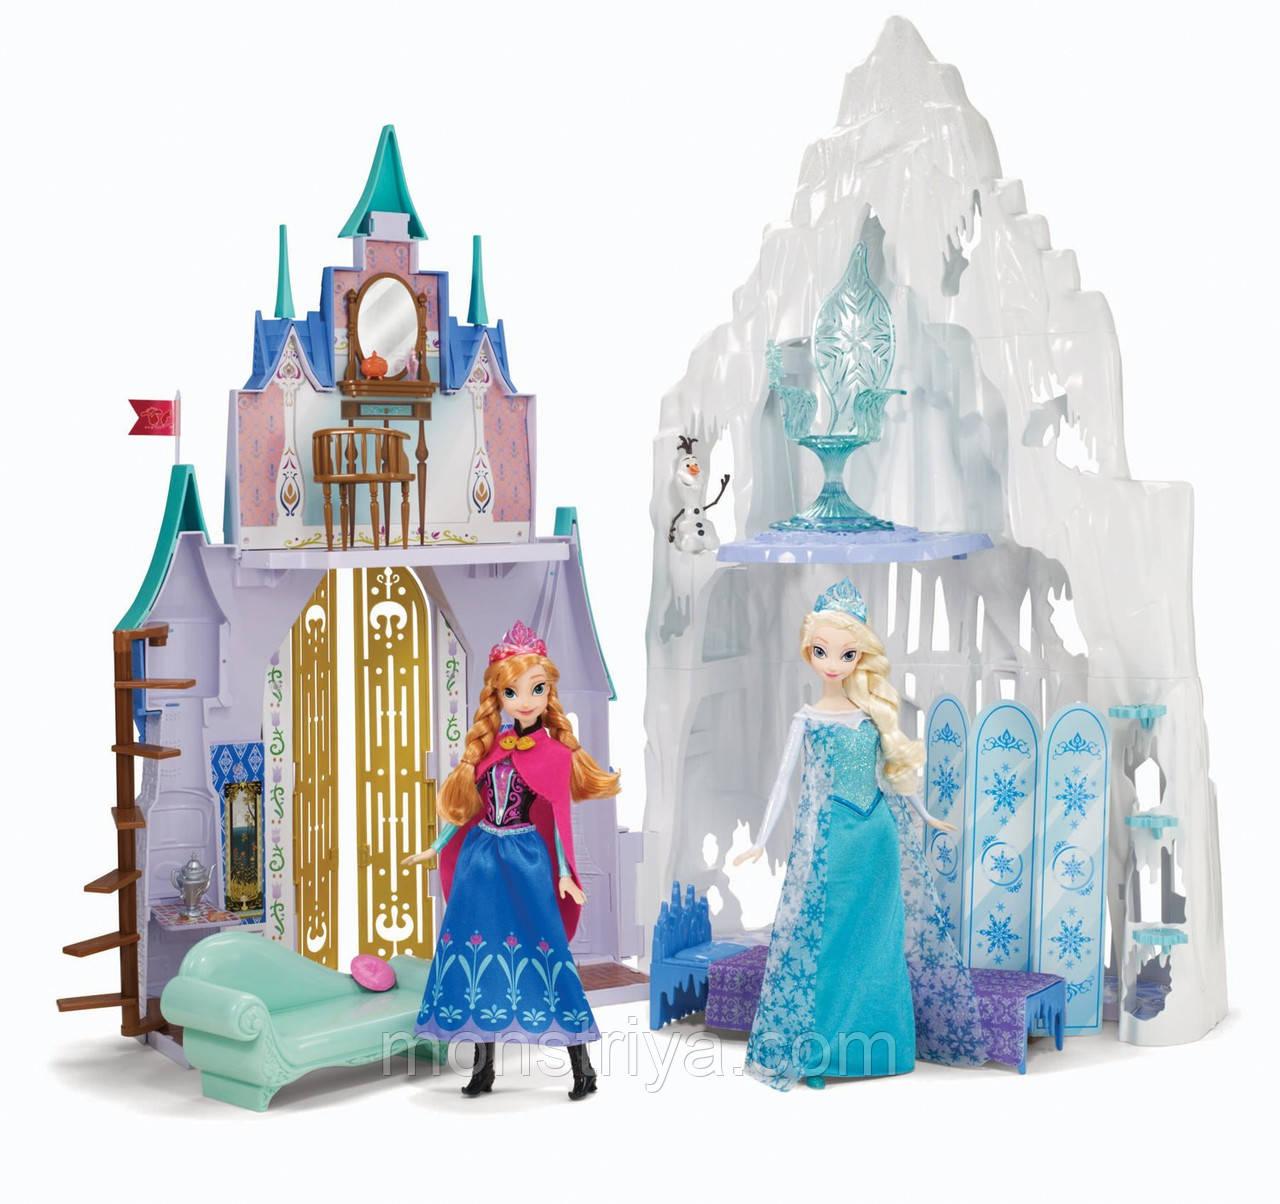 Дисней Холодное сердце дворец и замок Эренделль | Disney Frozen Castle & Ice Palace Playset